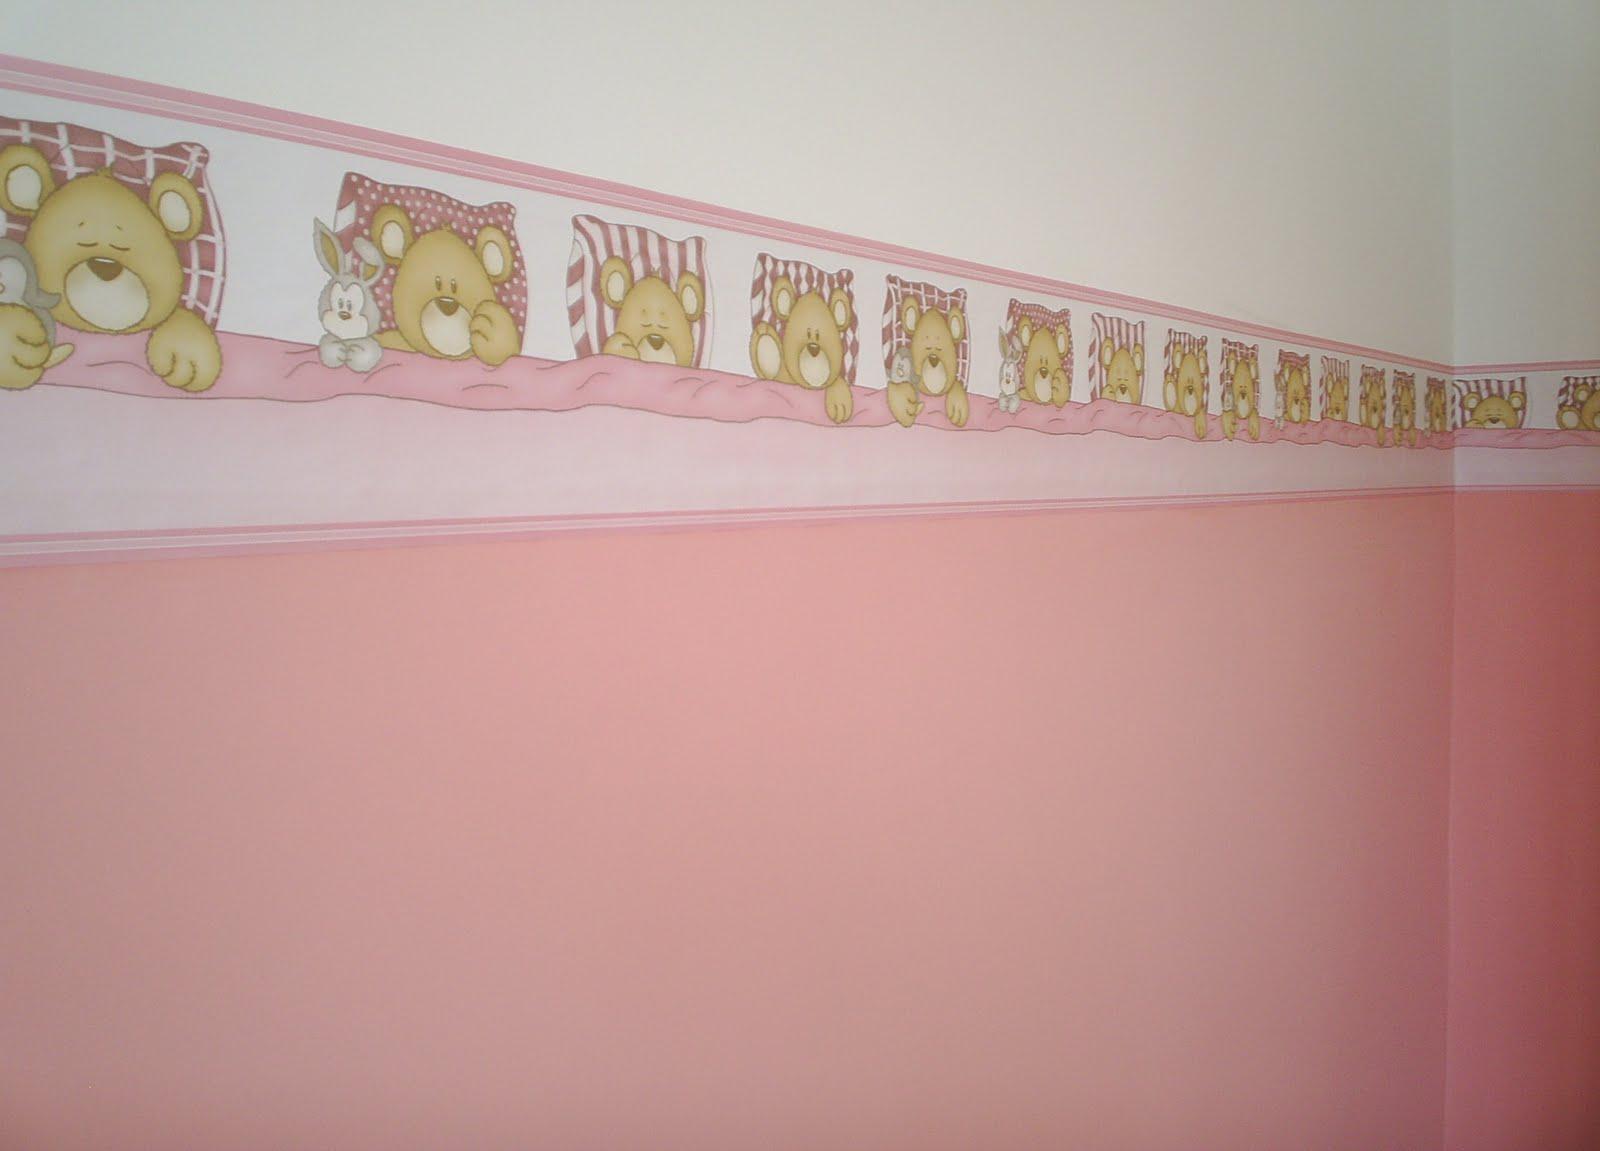 Jacques papel de parede quarto infantil - Papel infantil para paredes ...